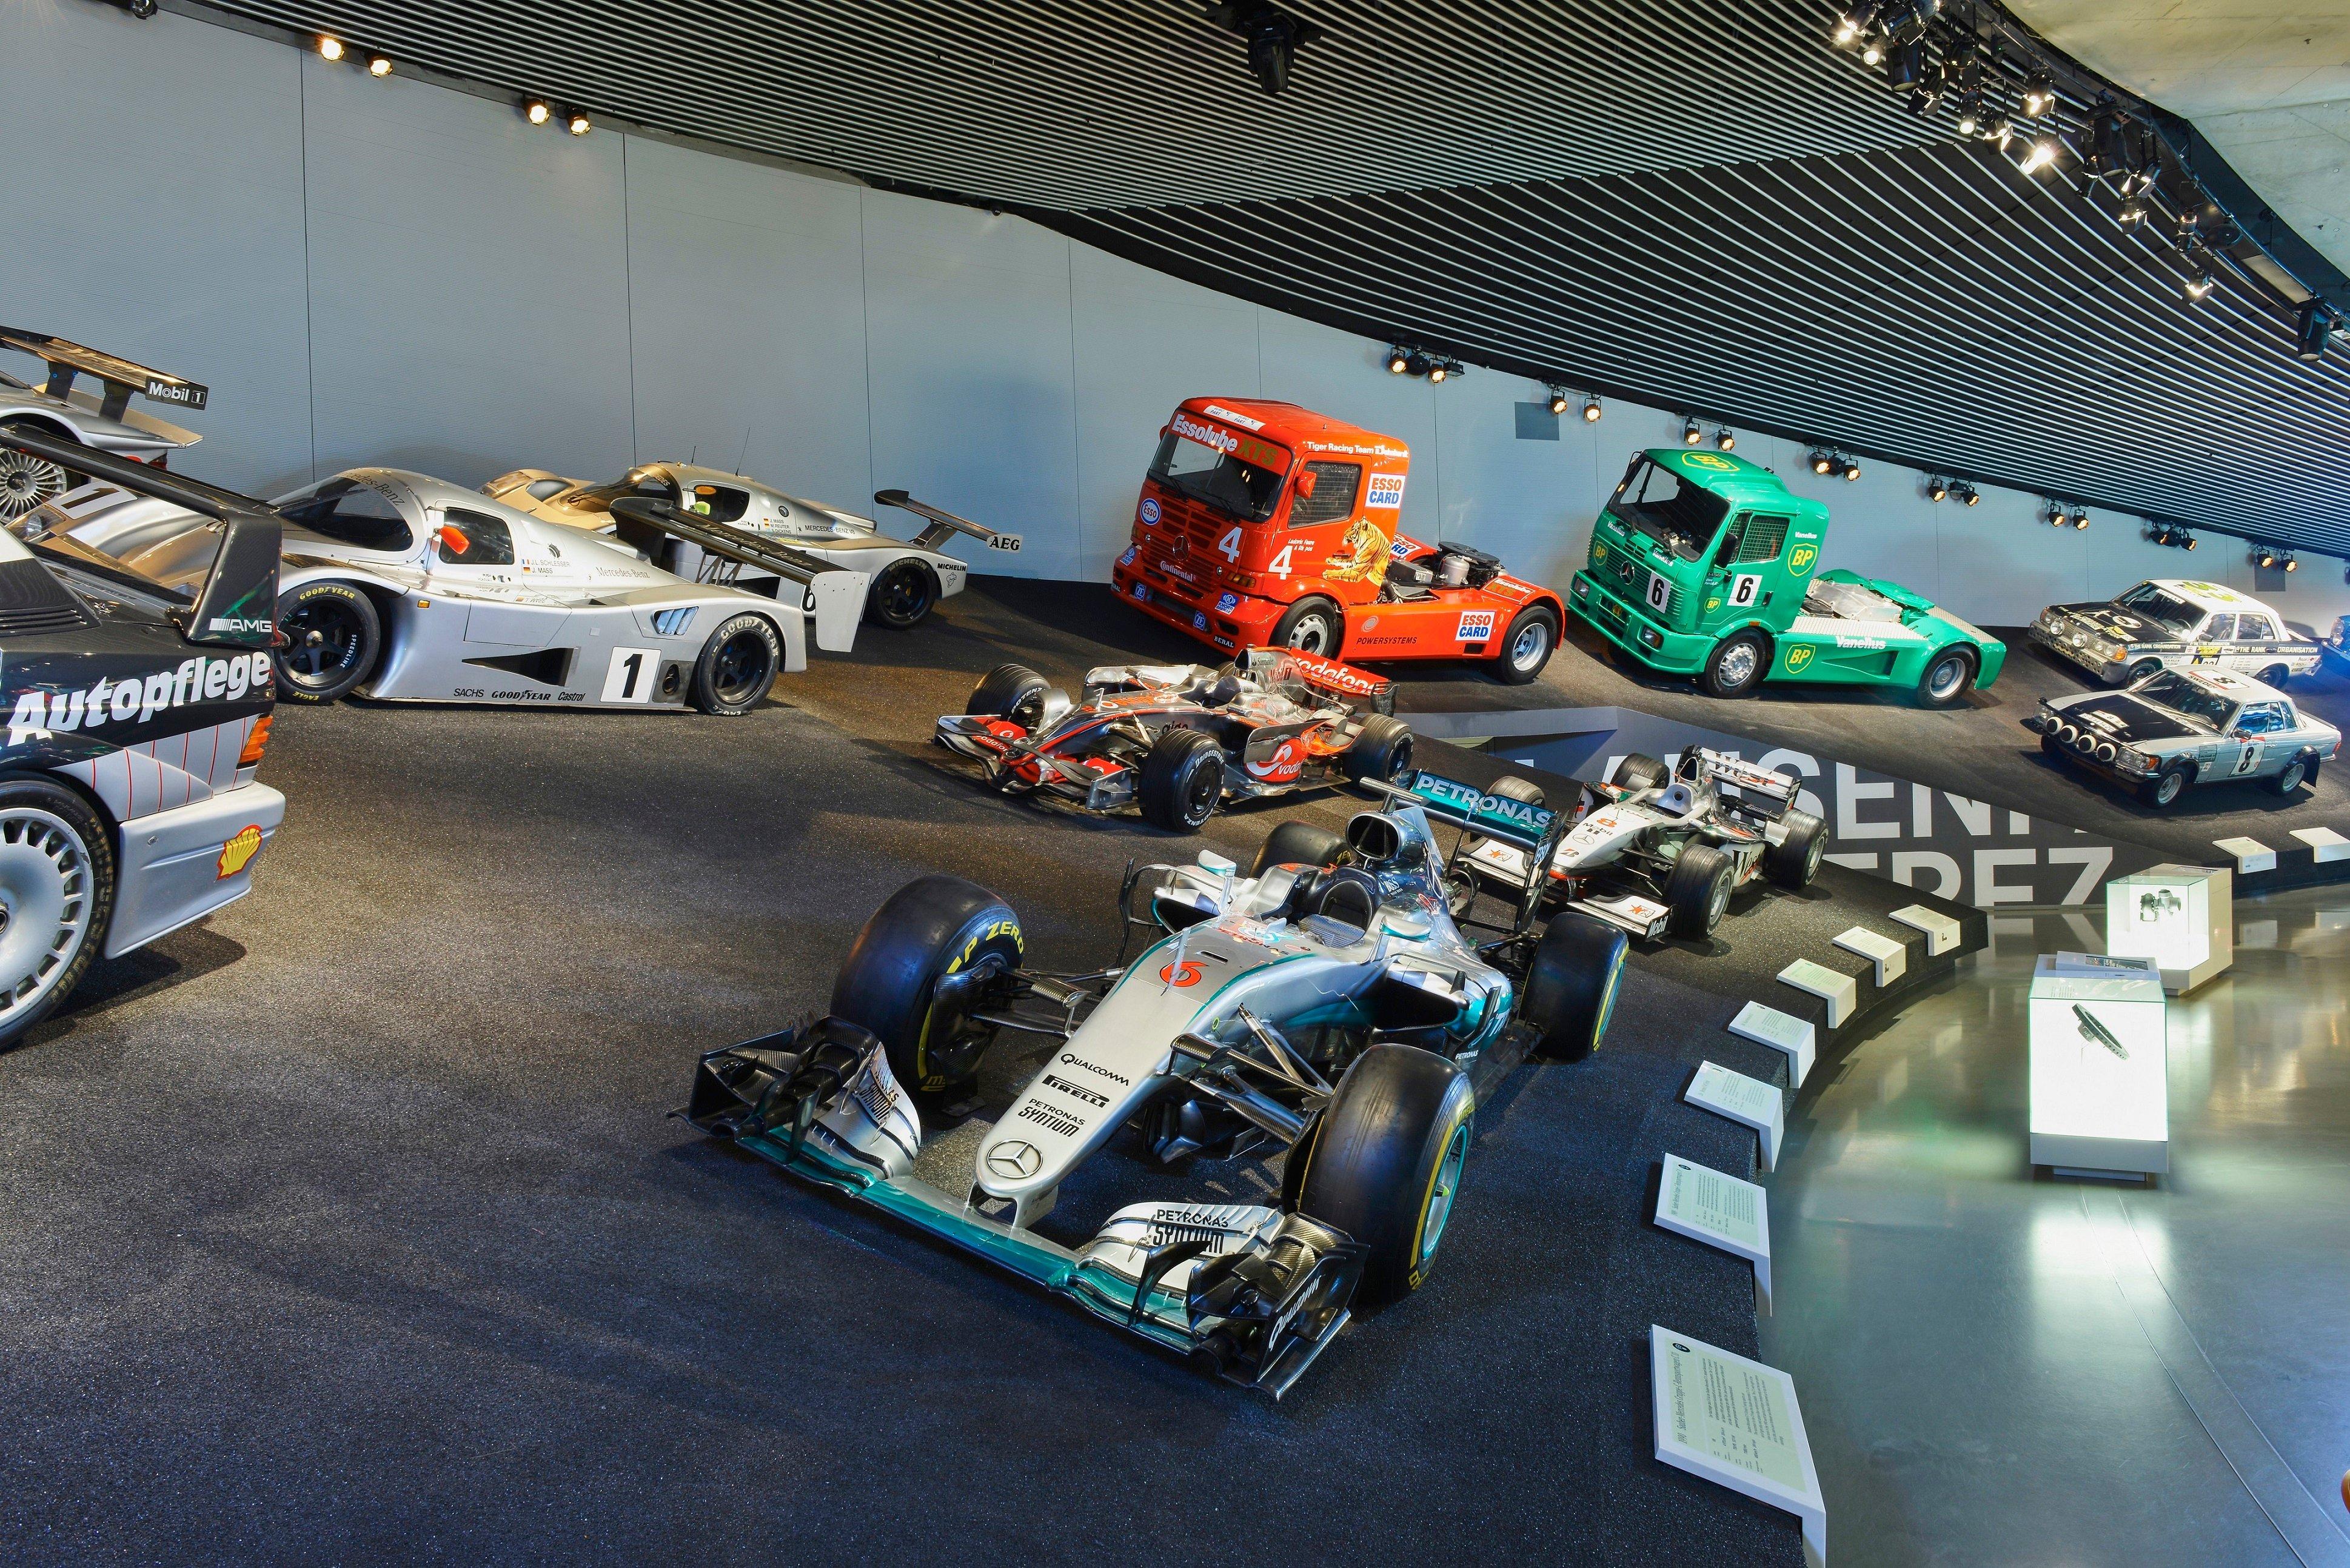 Entrée gratuite au musée Mercedes-Benz de Stuttgart (Frontaliers Allemagne)